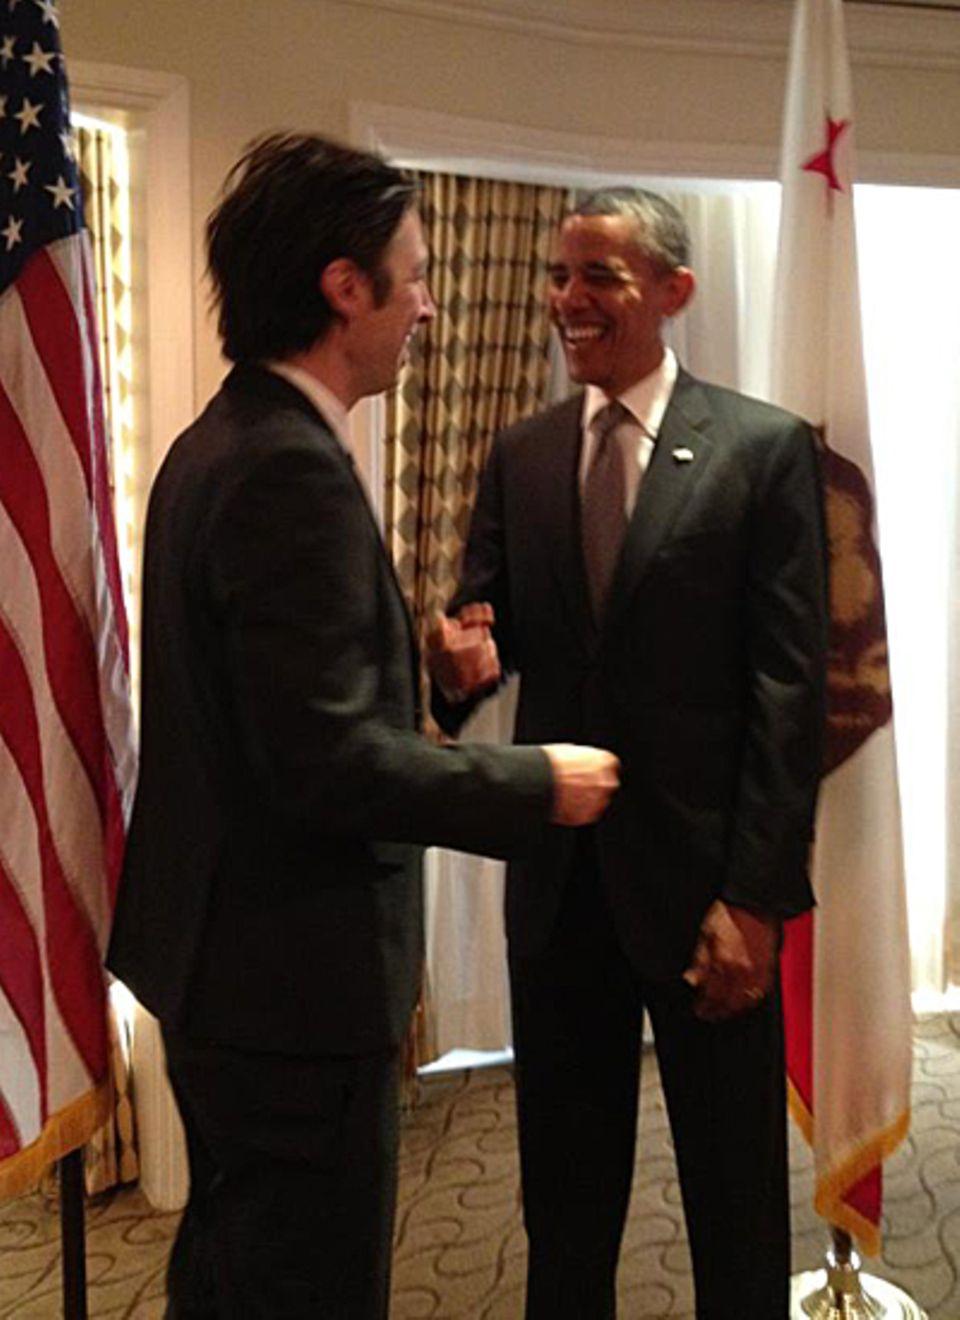 Zach Braff ist bekennender Anhänger der amerikanischen Demokraten und ein Fan des Präsidenten.